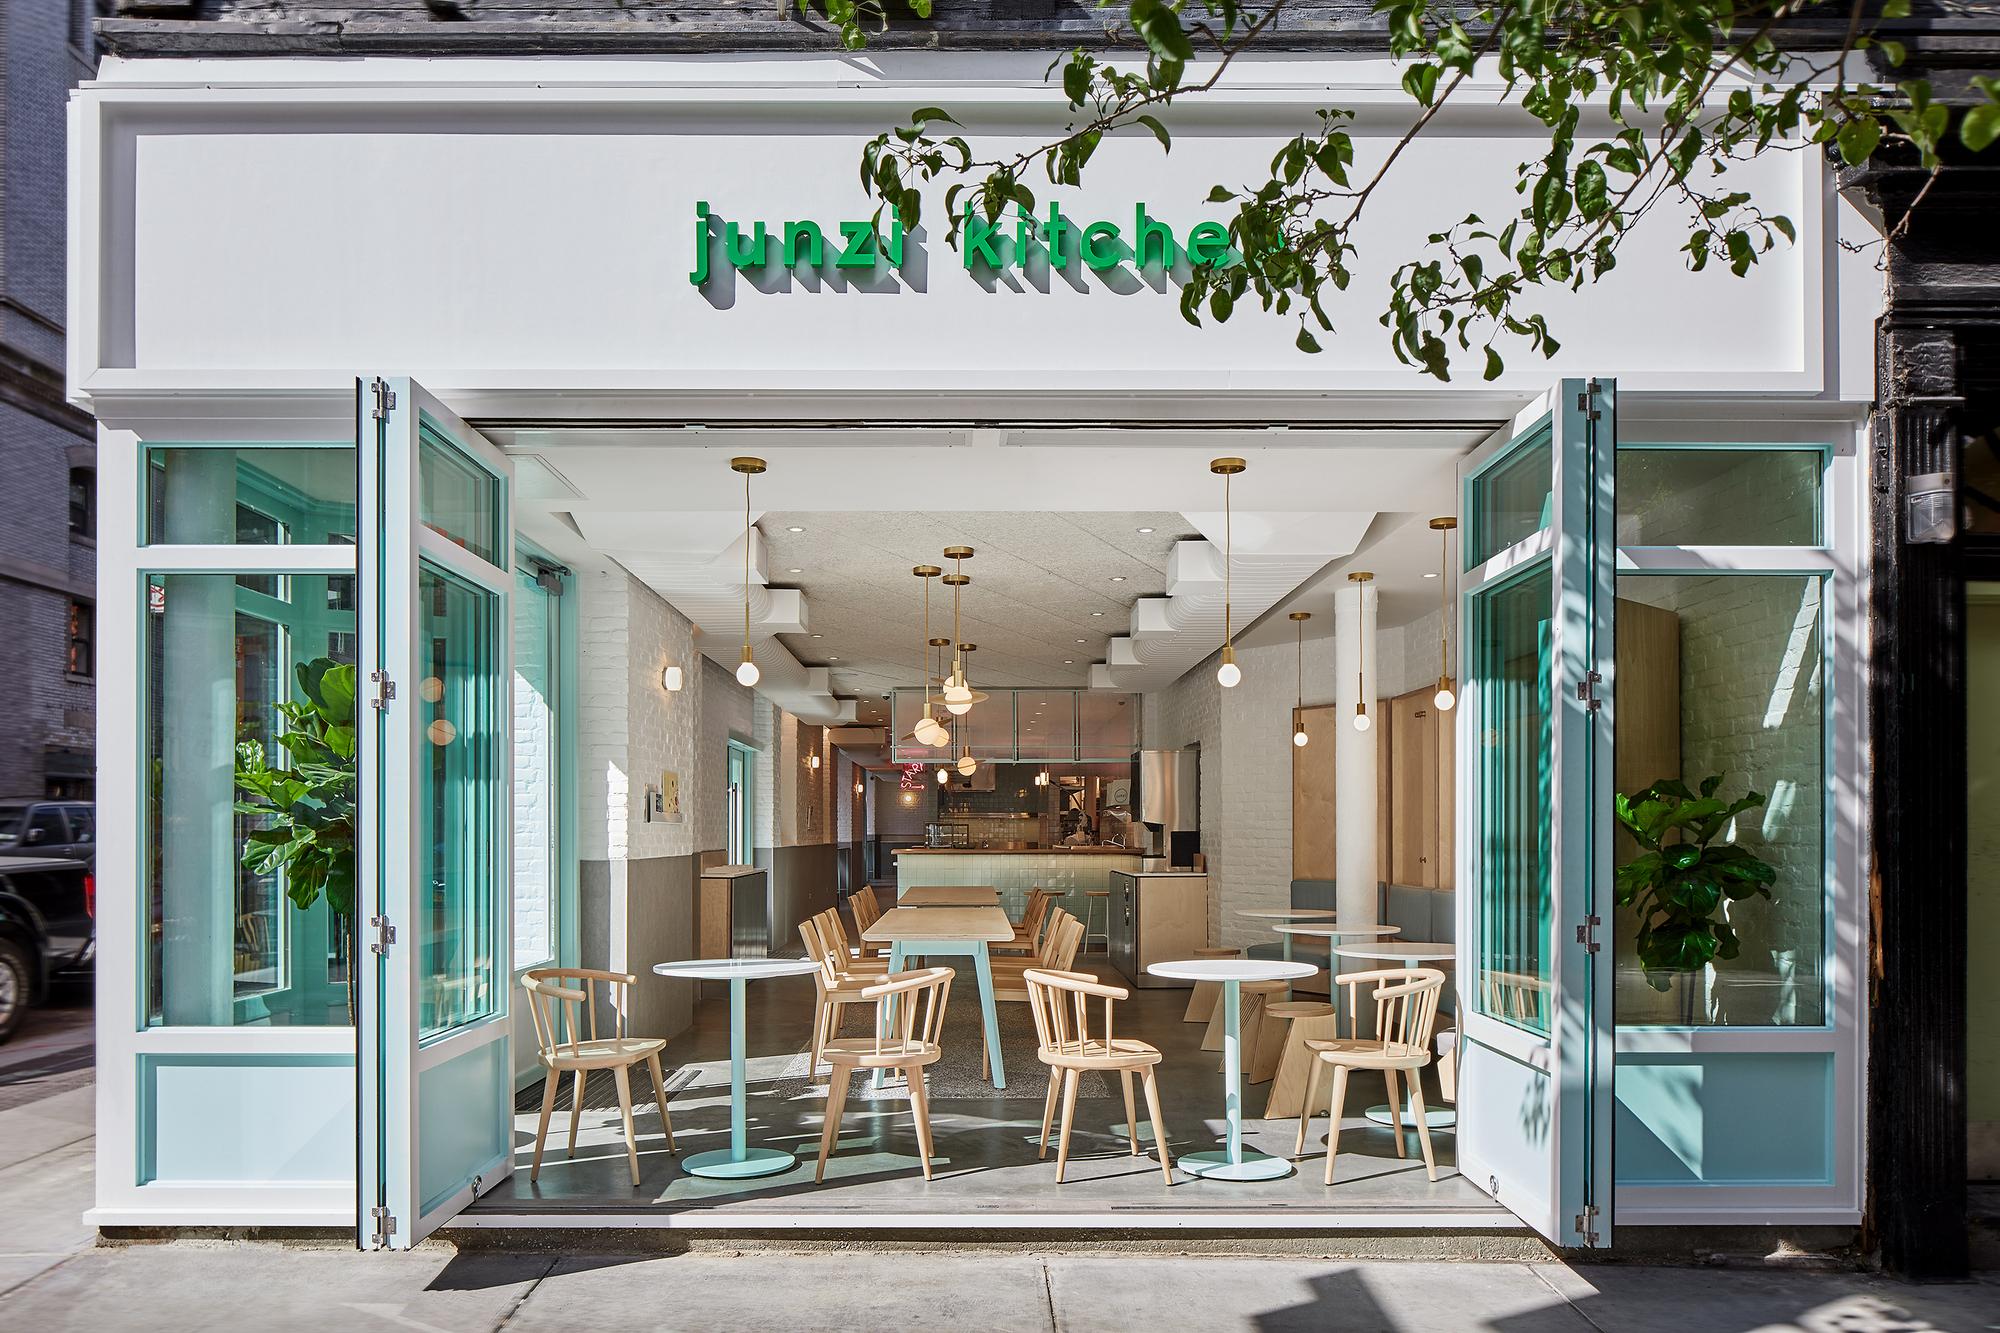 Bleecker Street / Junzi Kitchen